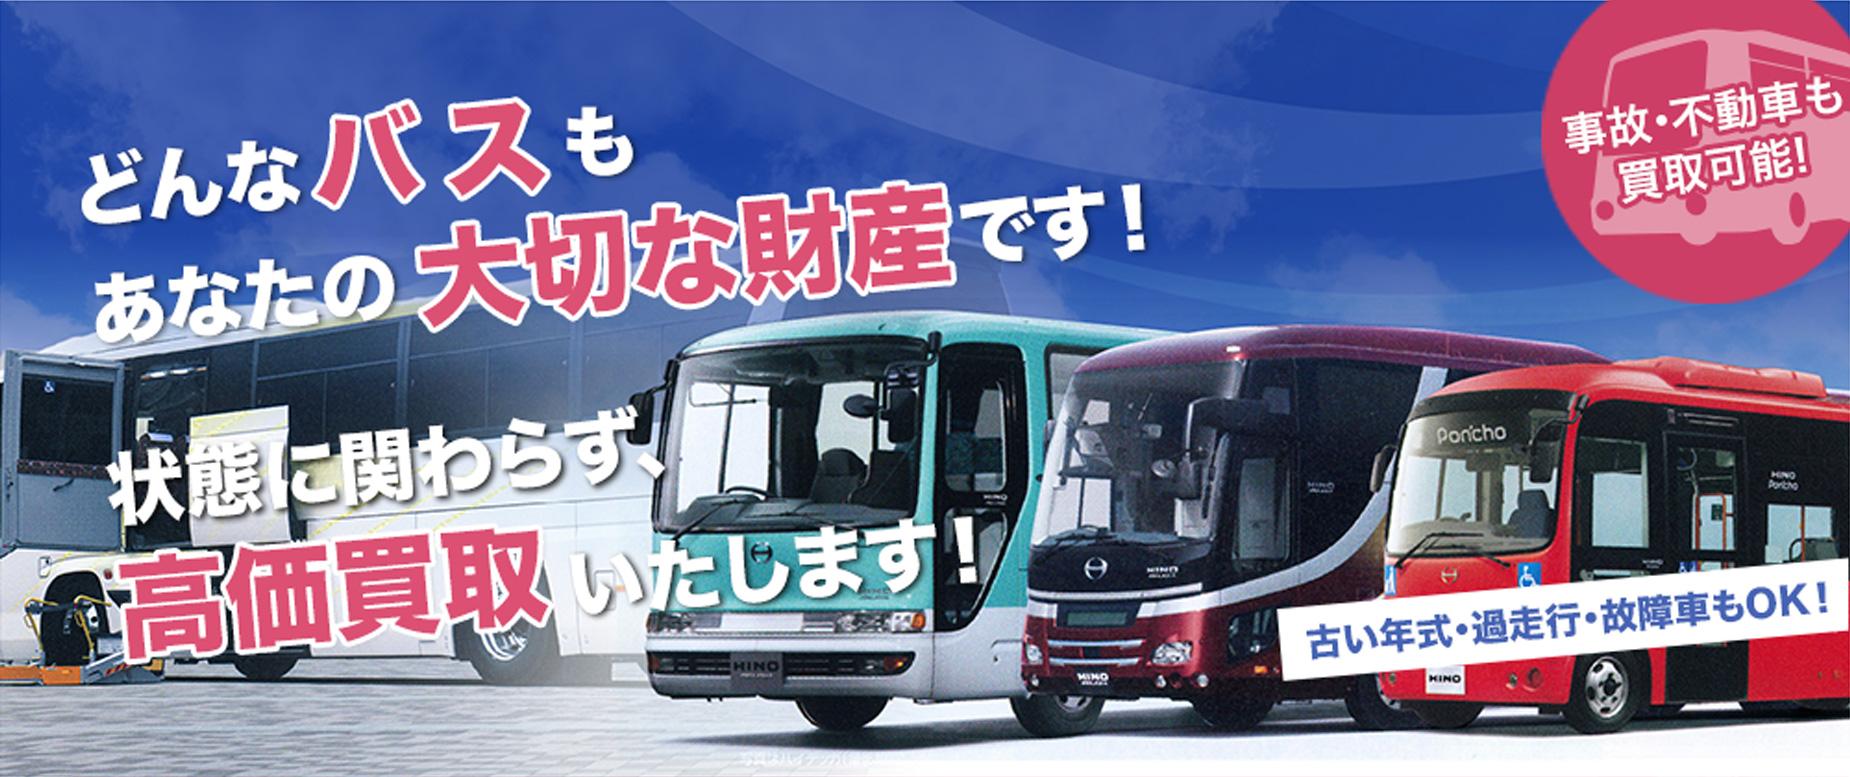 どんなバスもあなたの大切な財産です!状態に関わらず、高価買取いたします!古い年式・過走行・故障車・建機もOK!